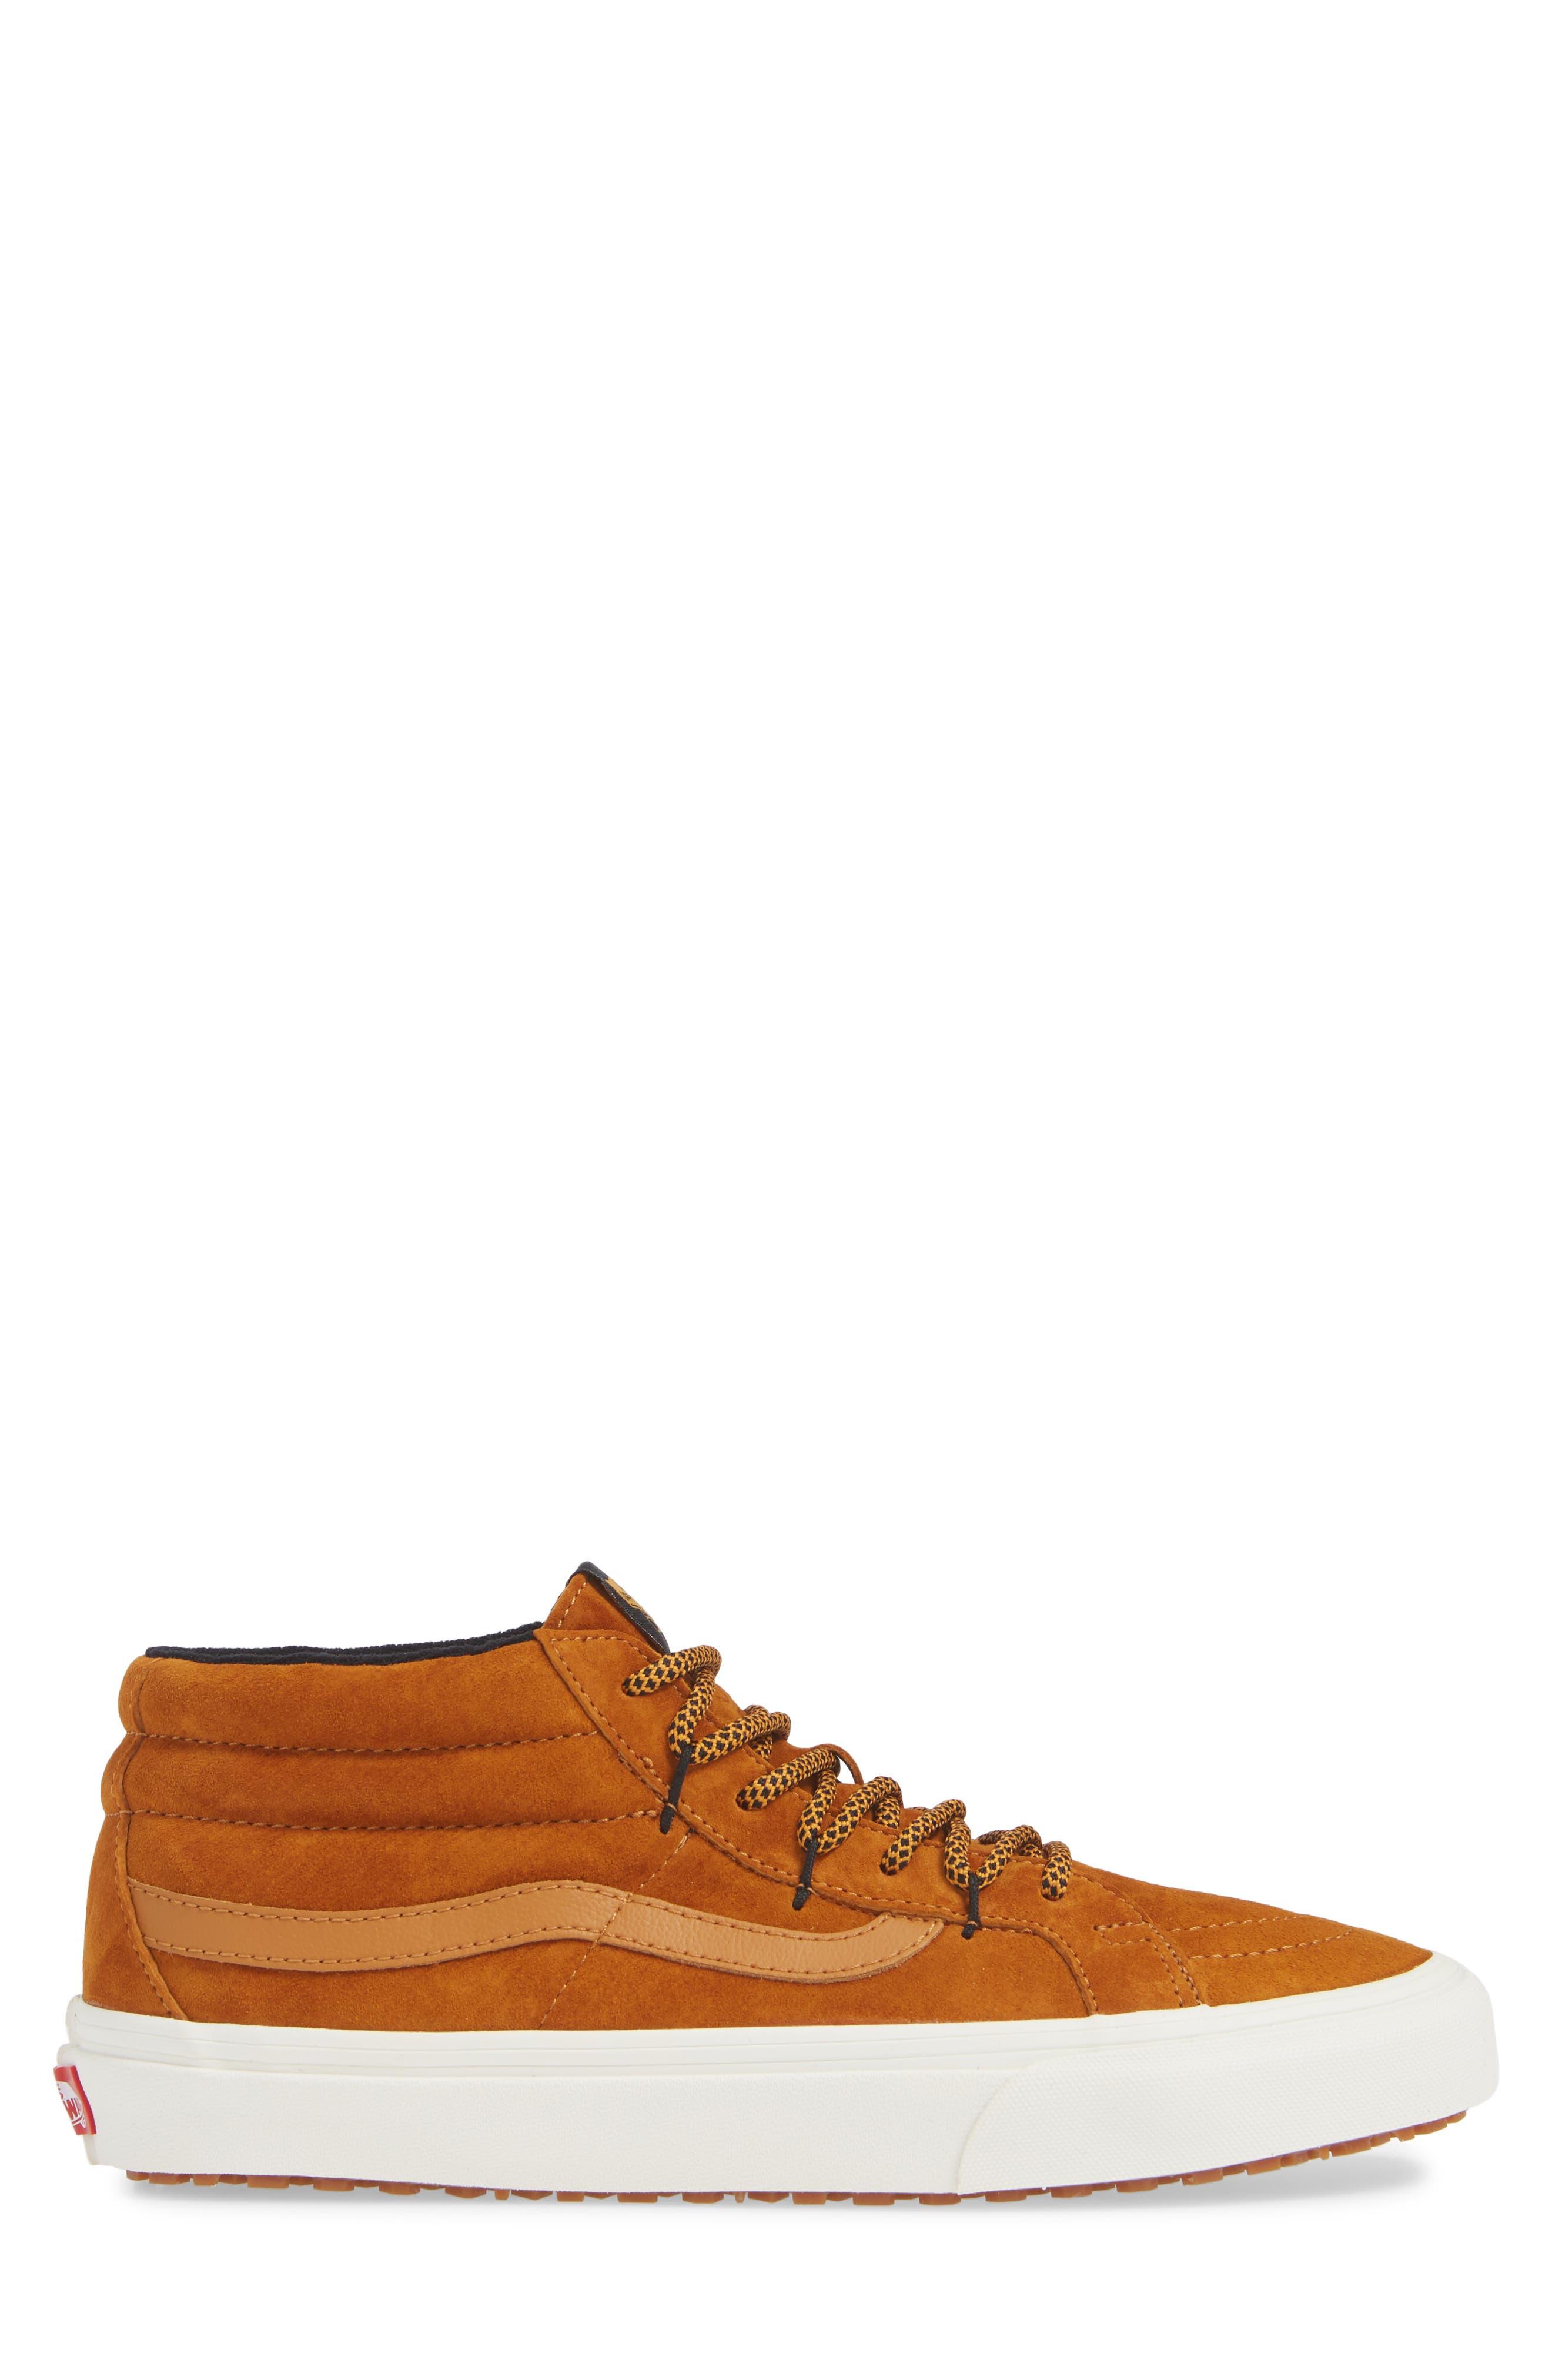 SK8-Hi Mid Reissue Ghillie MTE Sneaker,                             Alternate thumbnail 3, color,                             BROWN/ MARSHMALLOW